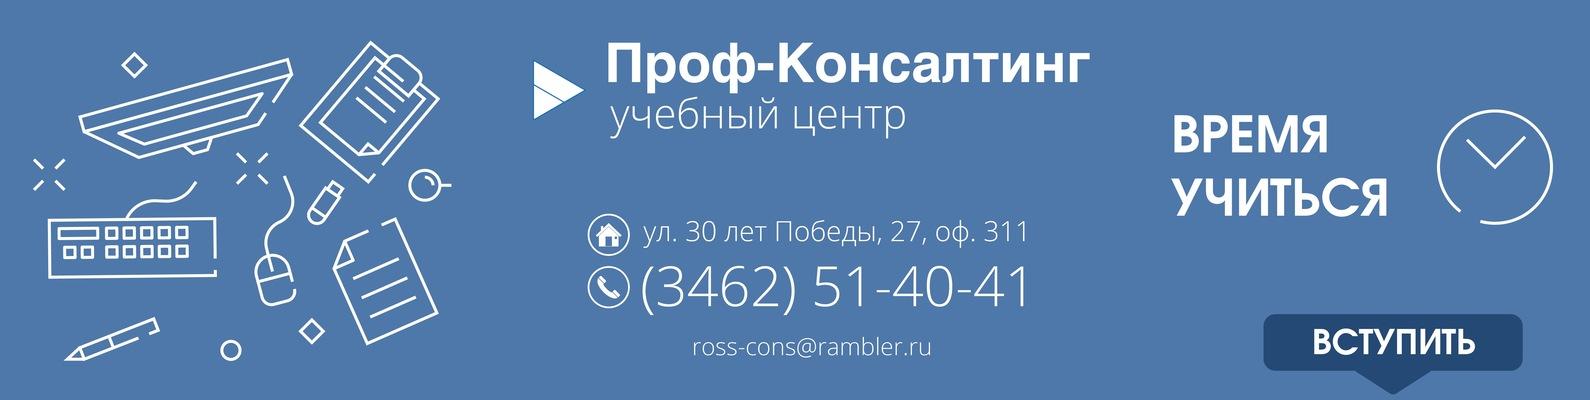 Курсы 1с бухгалтерия сургут регистрация ип в московской области под ключ цена